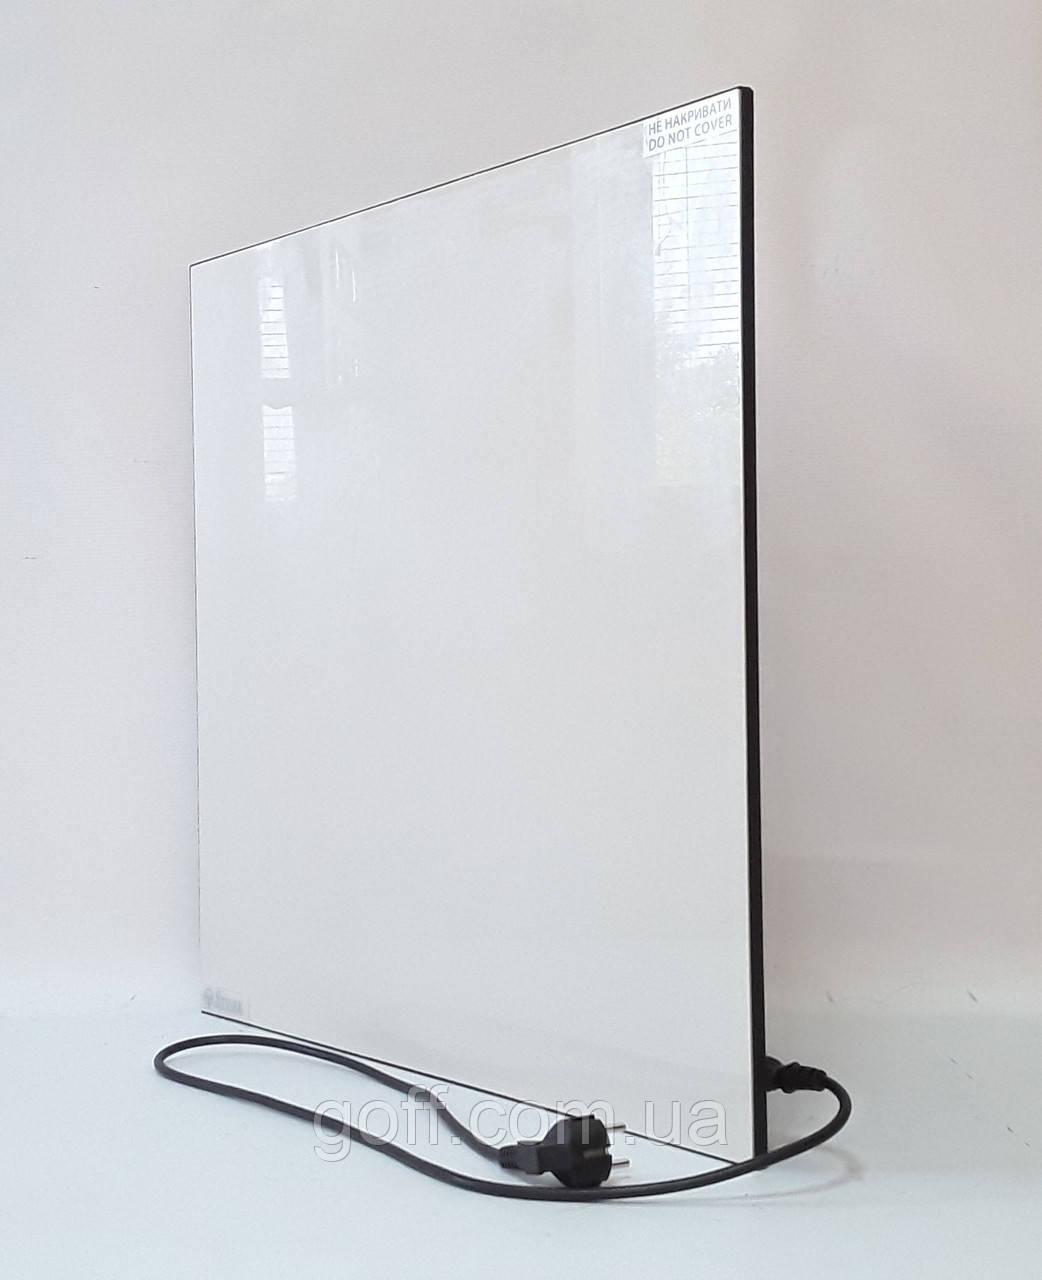 Керамический инфракрасный конвектор Stinex Plaza Ceramic 350-700/220 white